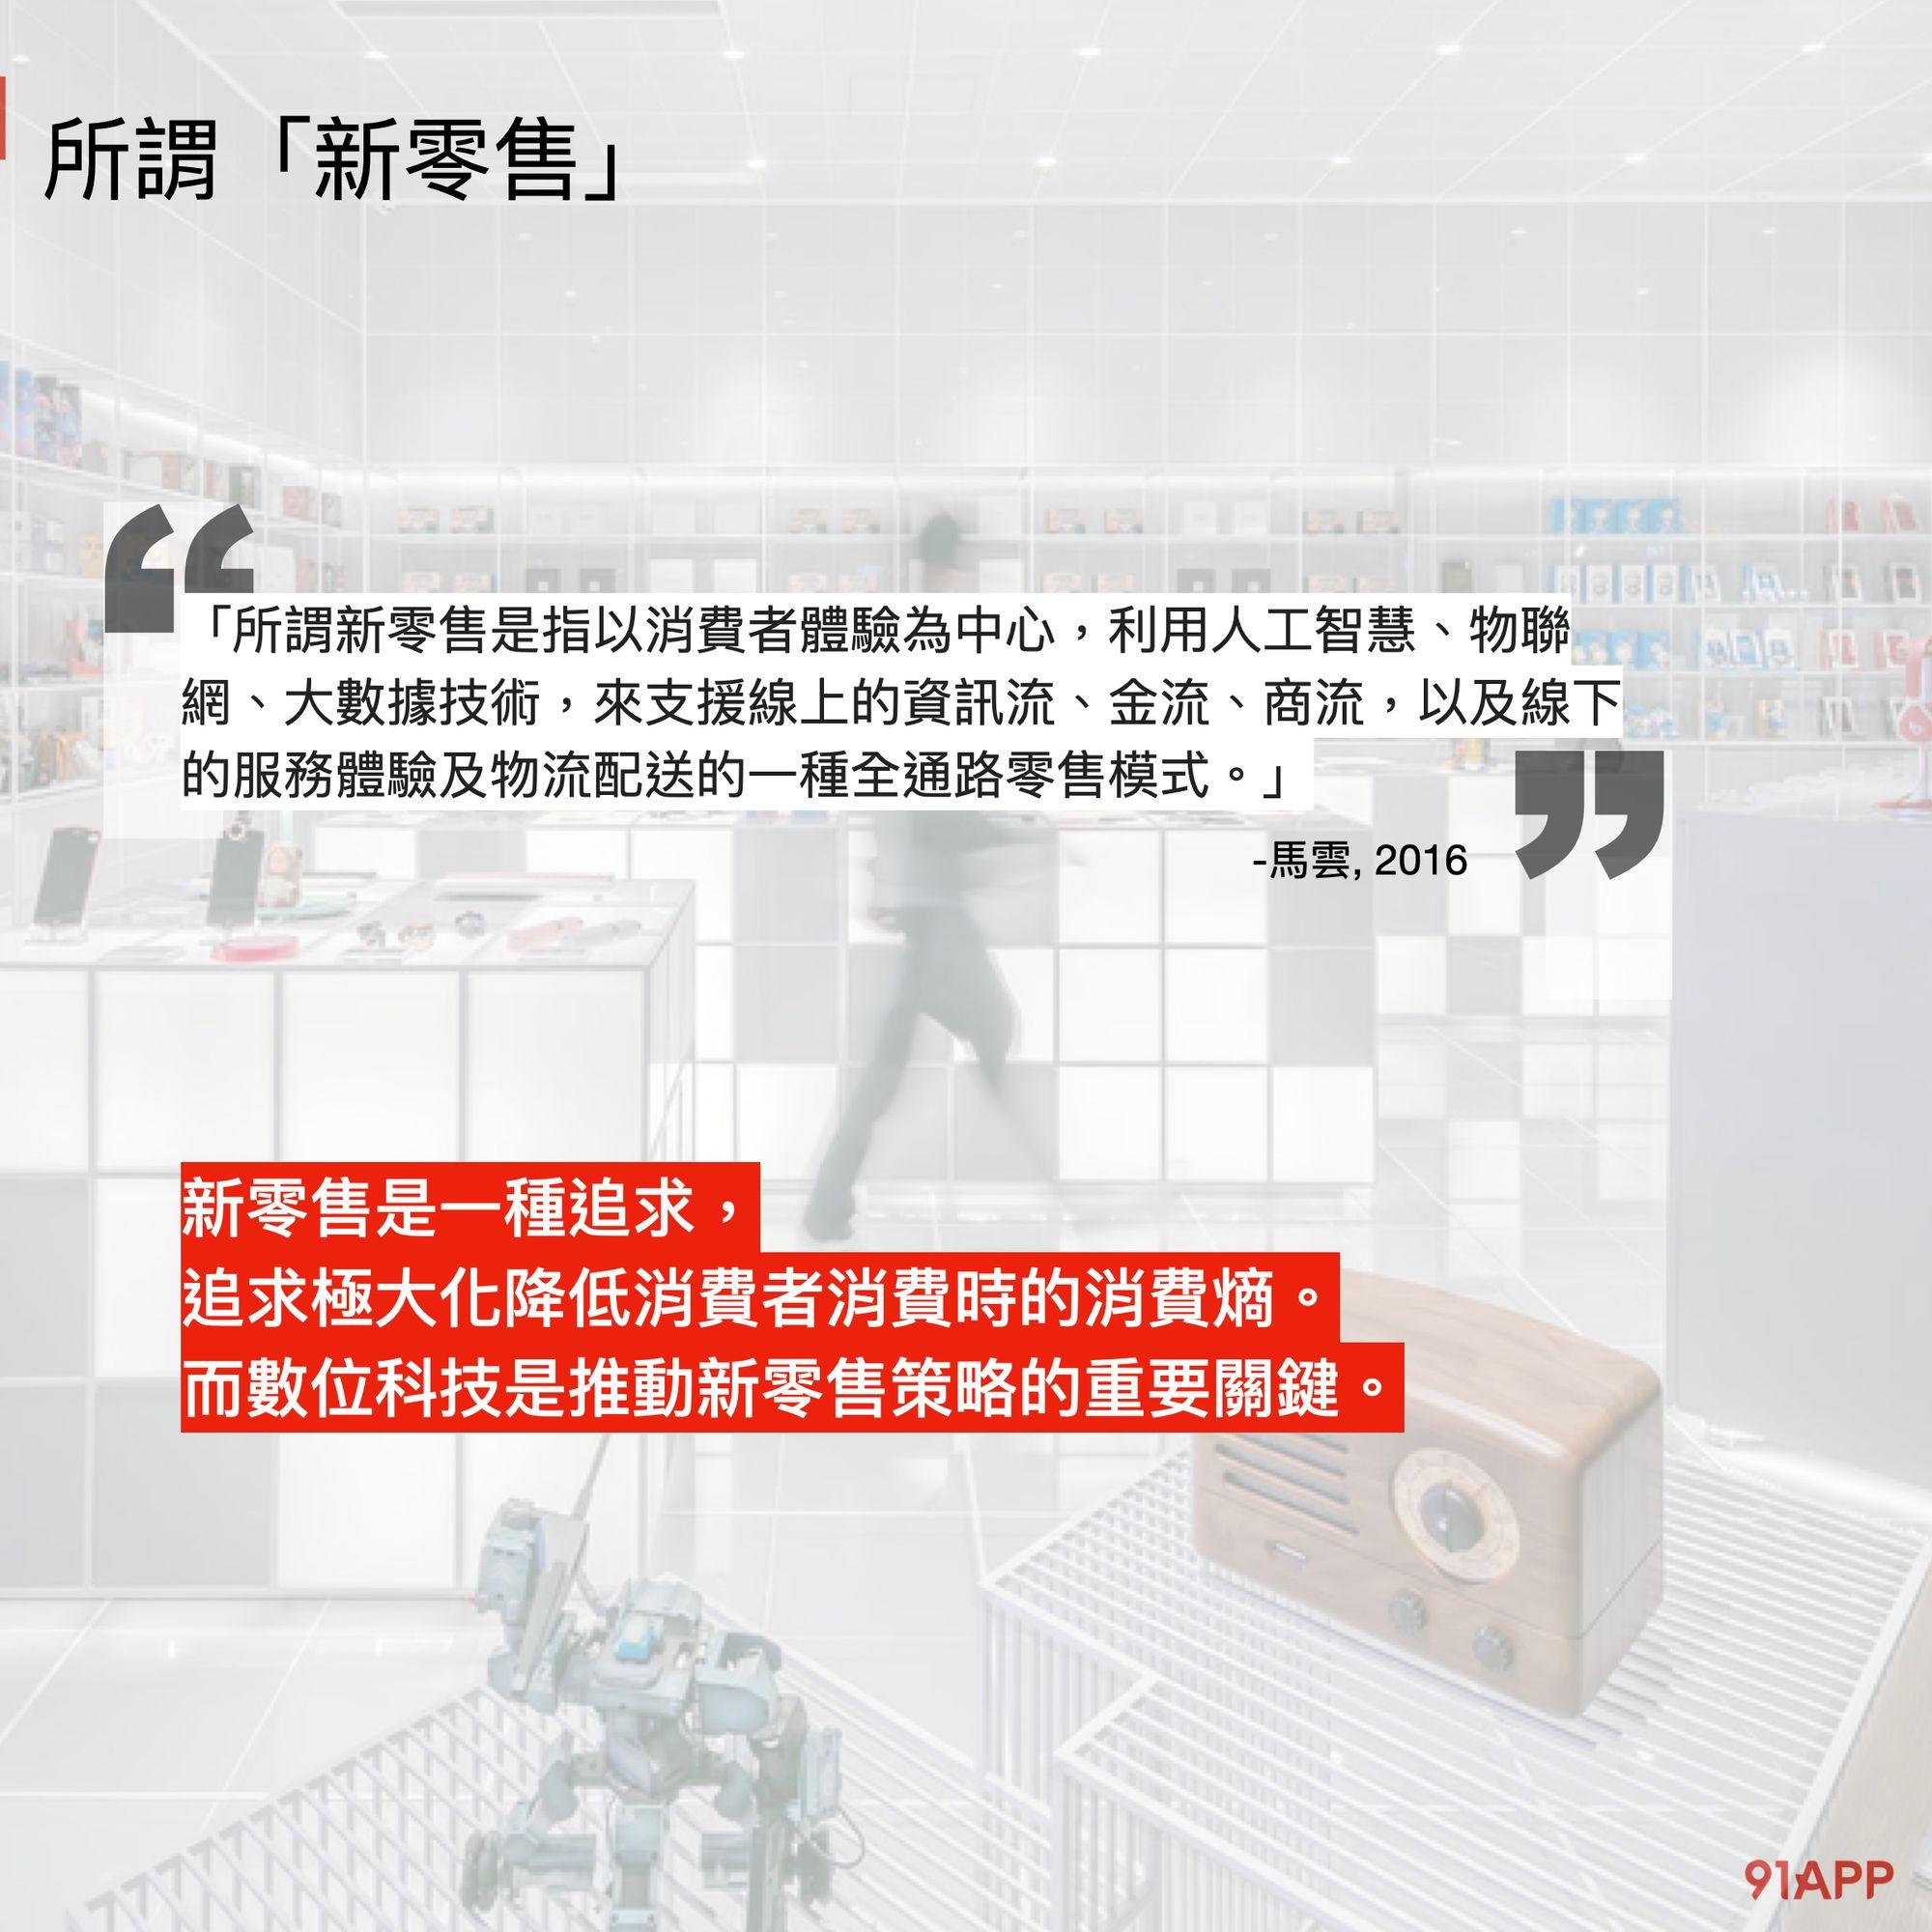 什麼是新零售 馬雲說的新零售